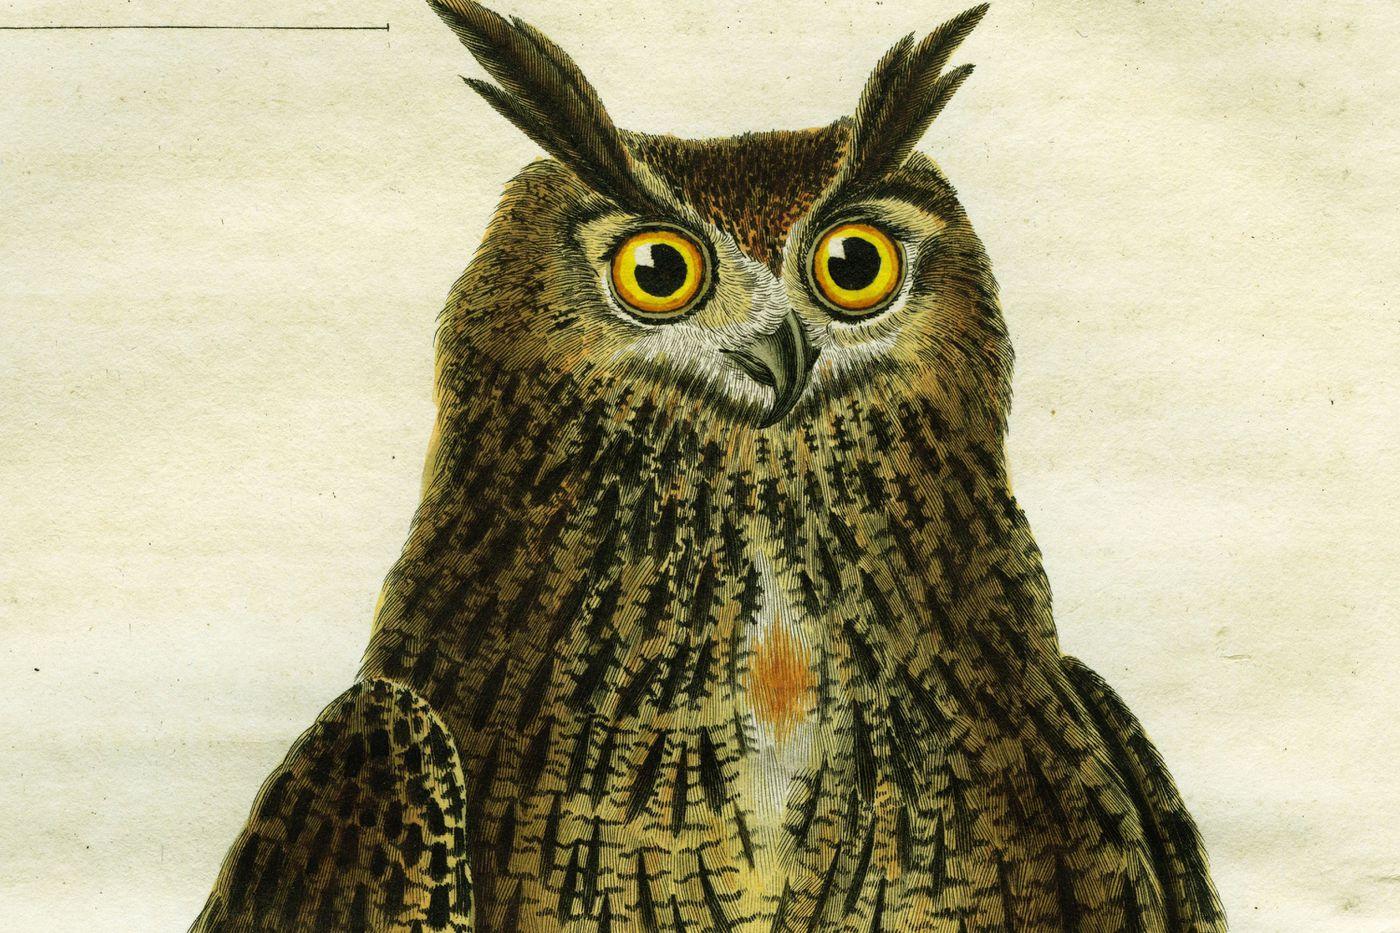 Một bản vẽ của một con cú từ những năm 1780, khoảng thời gian ngắn Illuminati hoạt động. Hình ảnh phổ quát Nhóm / Getty Images